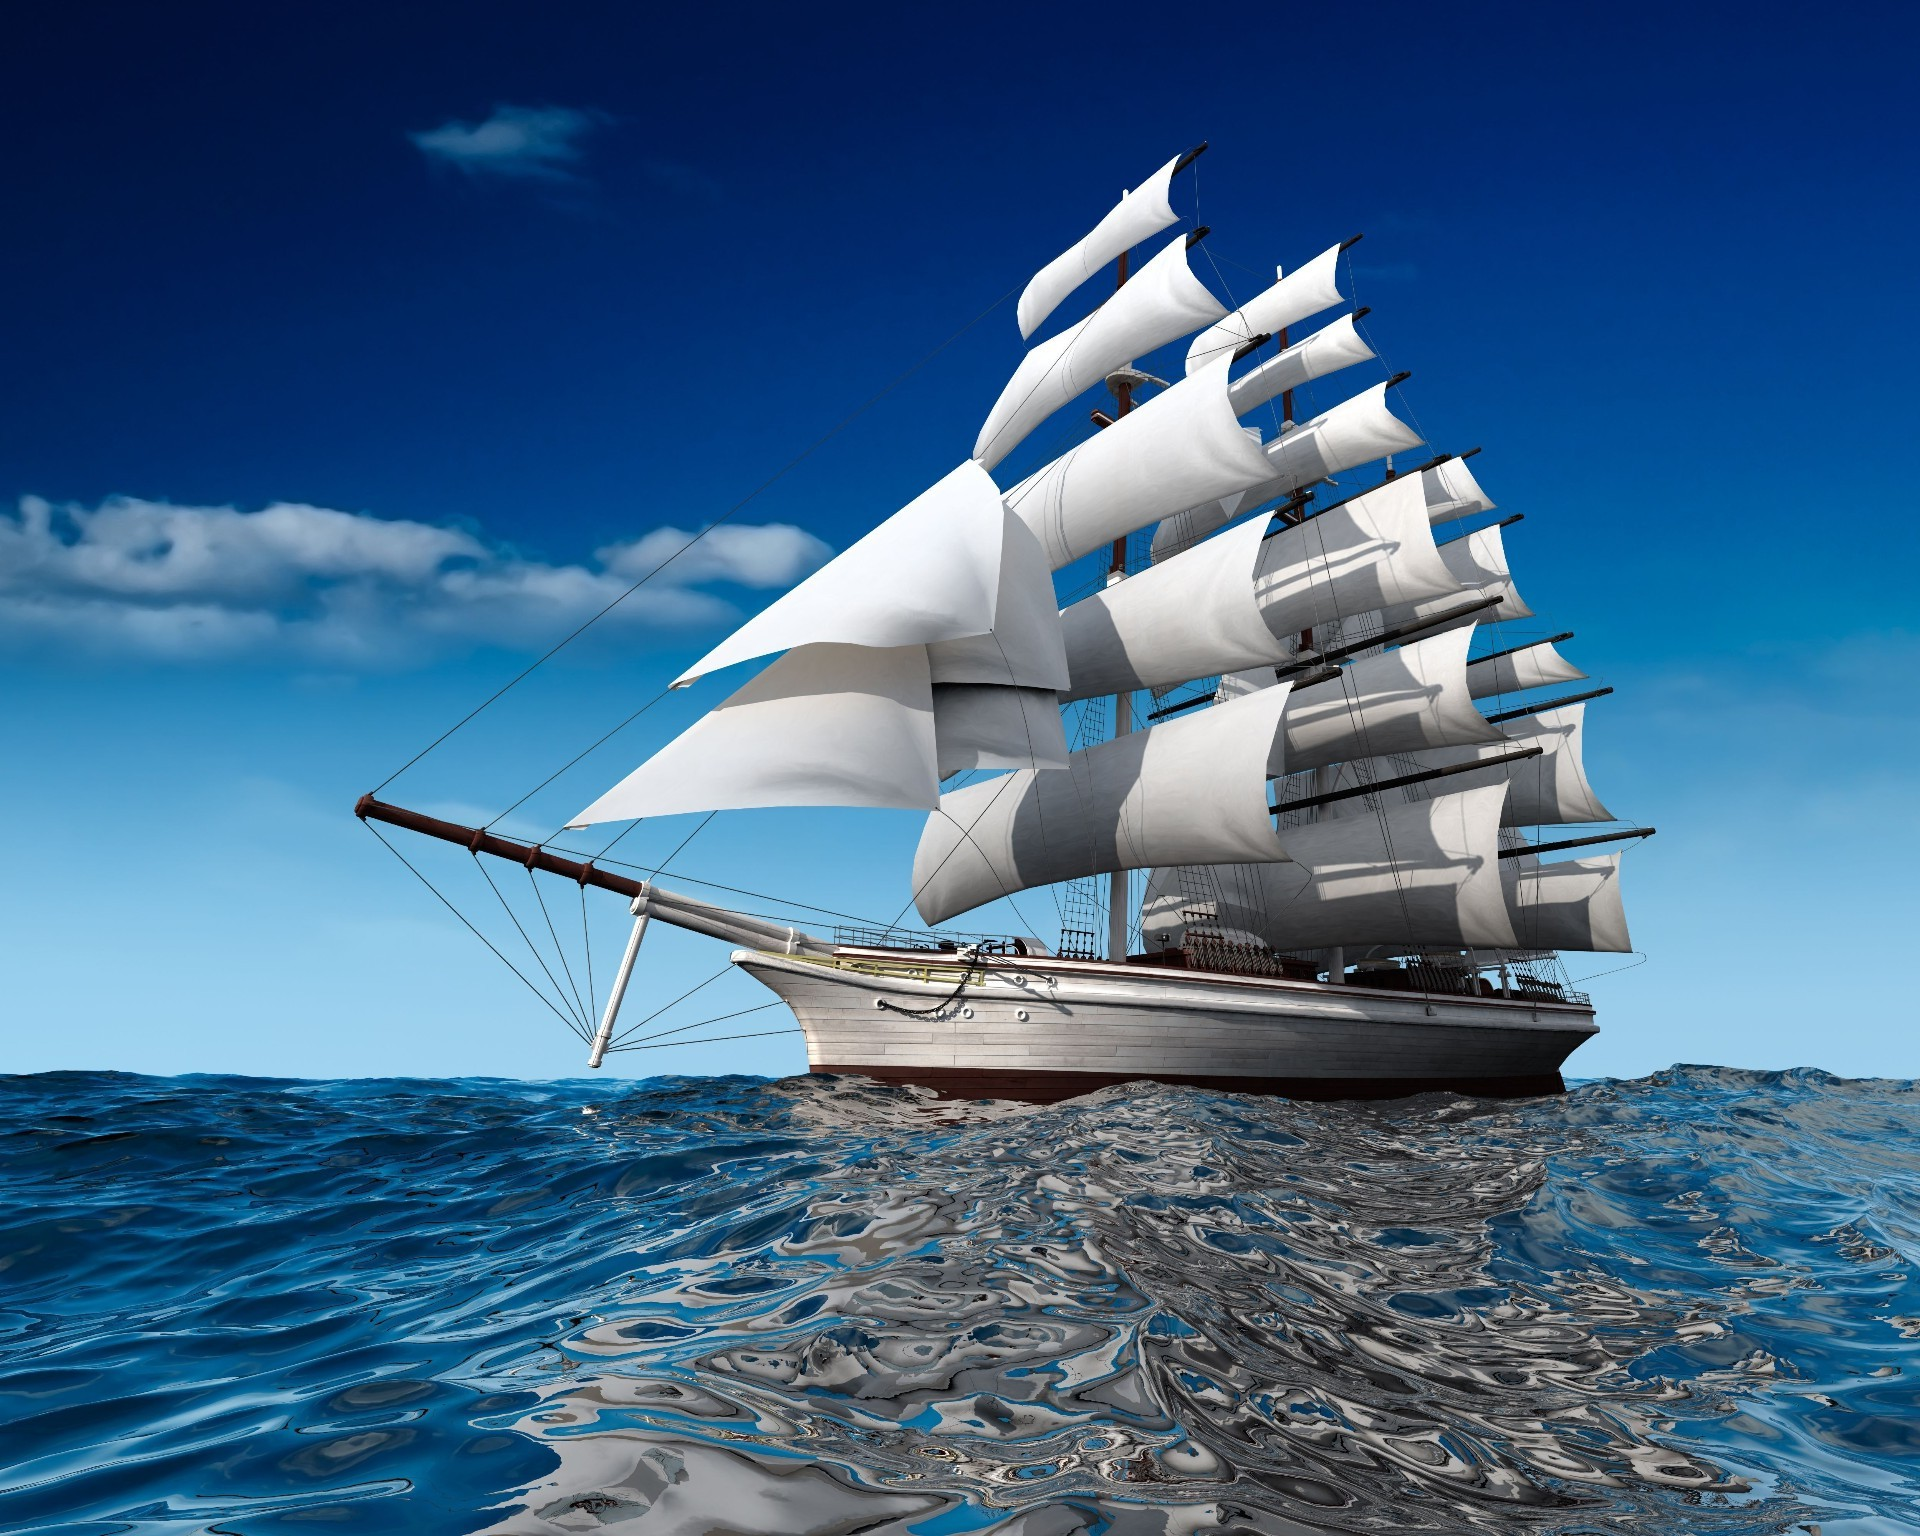 паруса фотка море